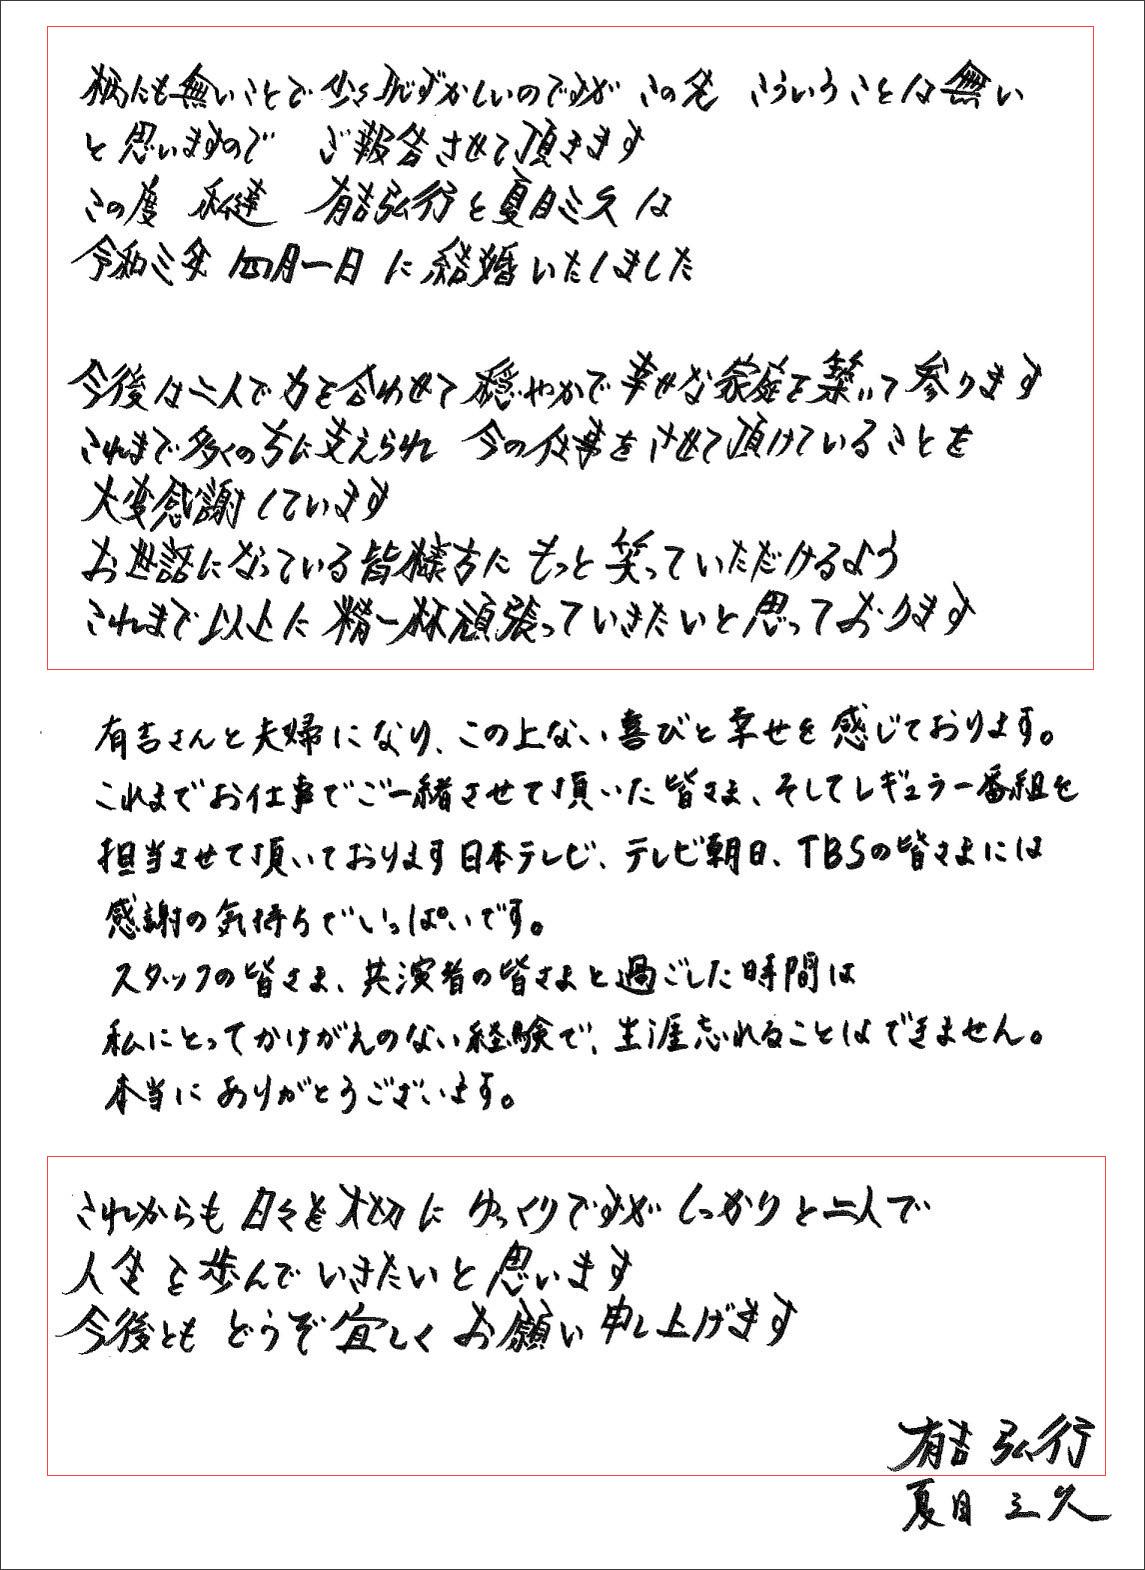 有吉弘行さんの筆跡